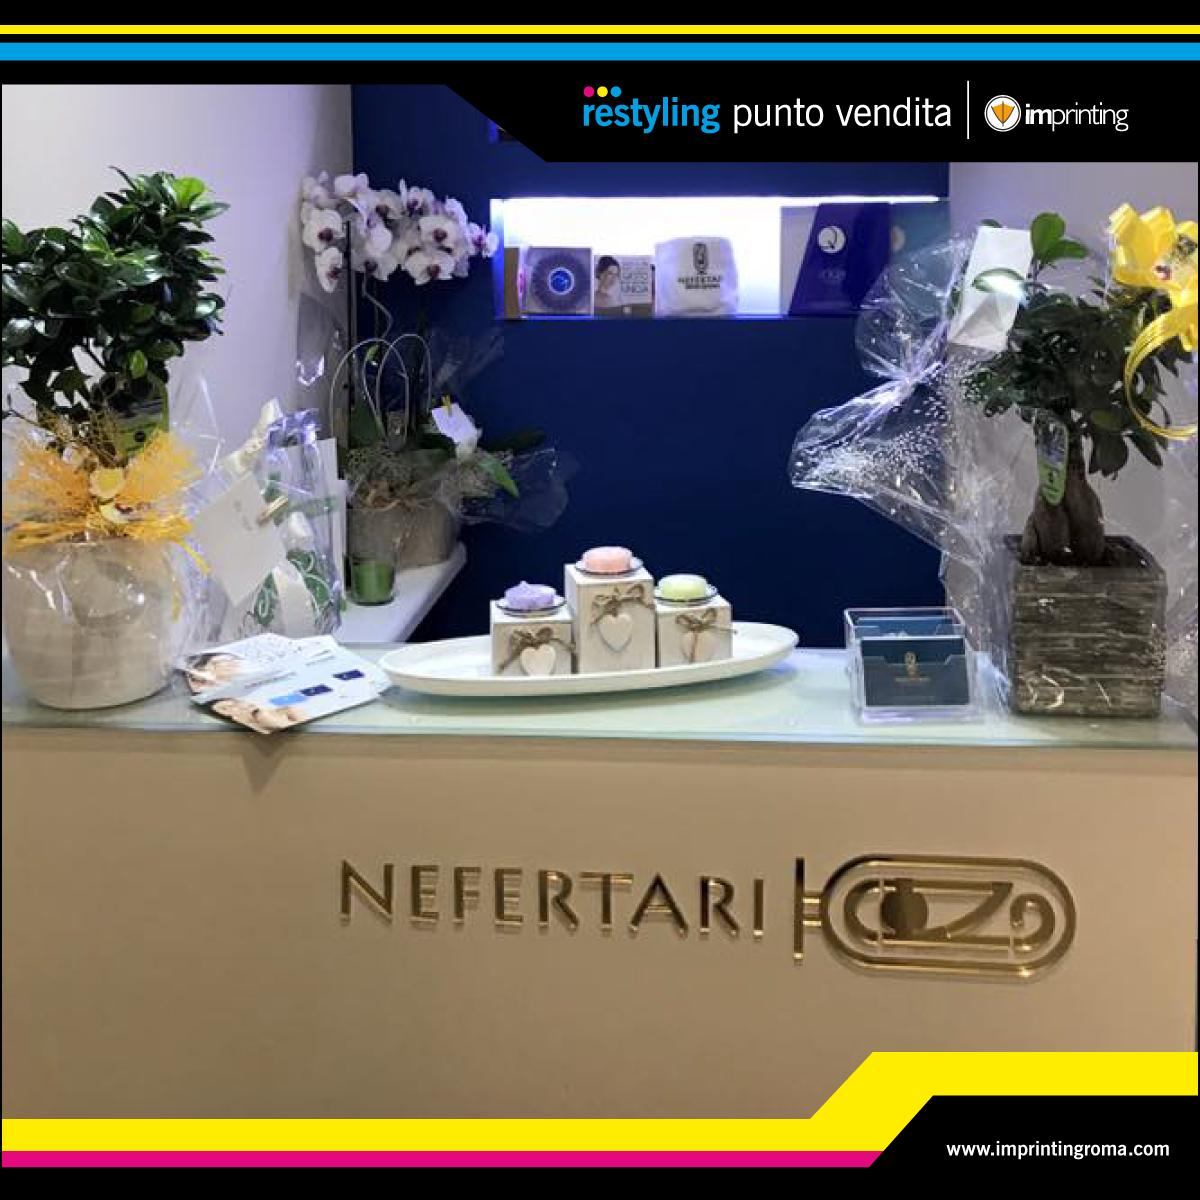 Personalizzazione interni negozio - Nefertari Centro Estetico